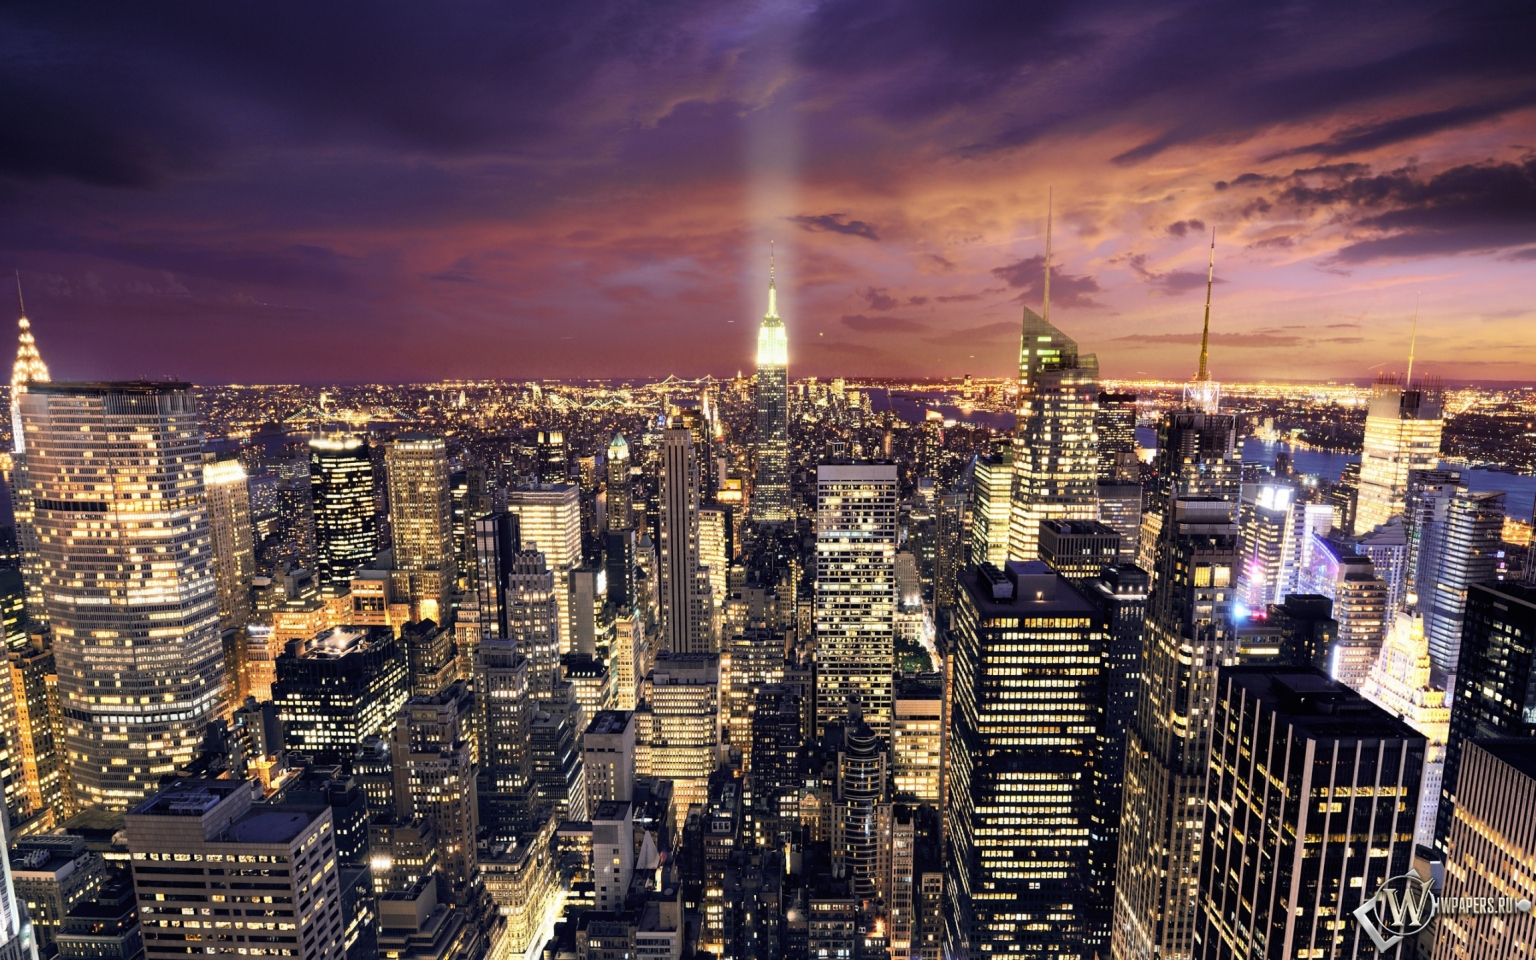 Ночной Нью-Йорк 1536x960